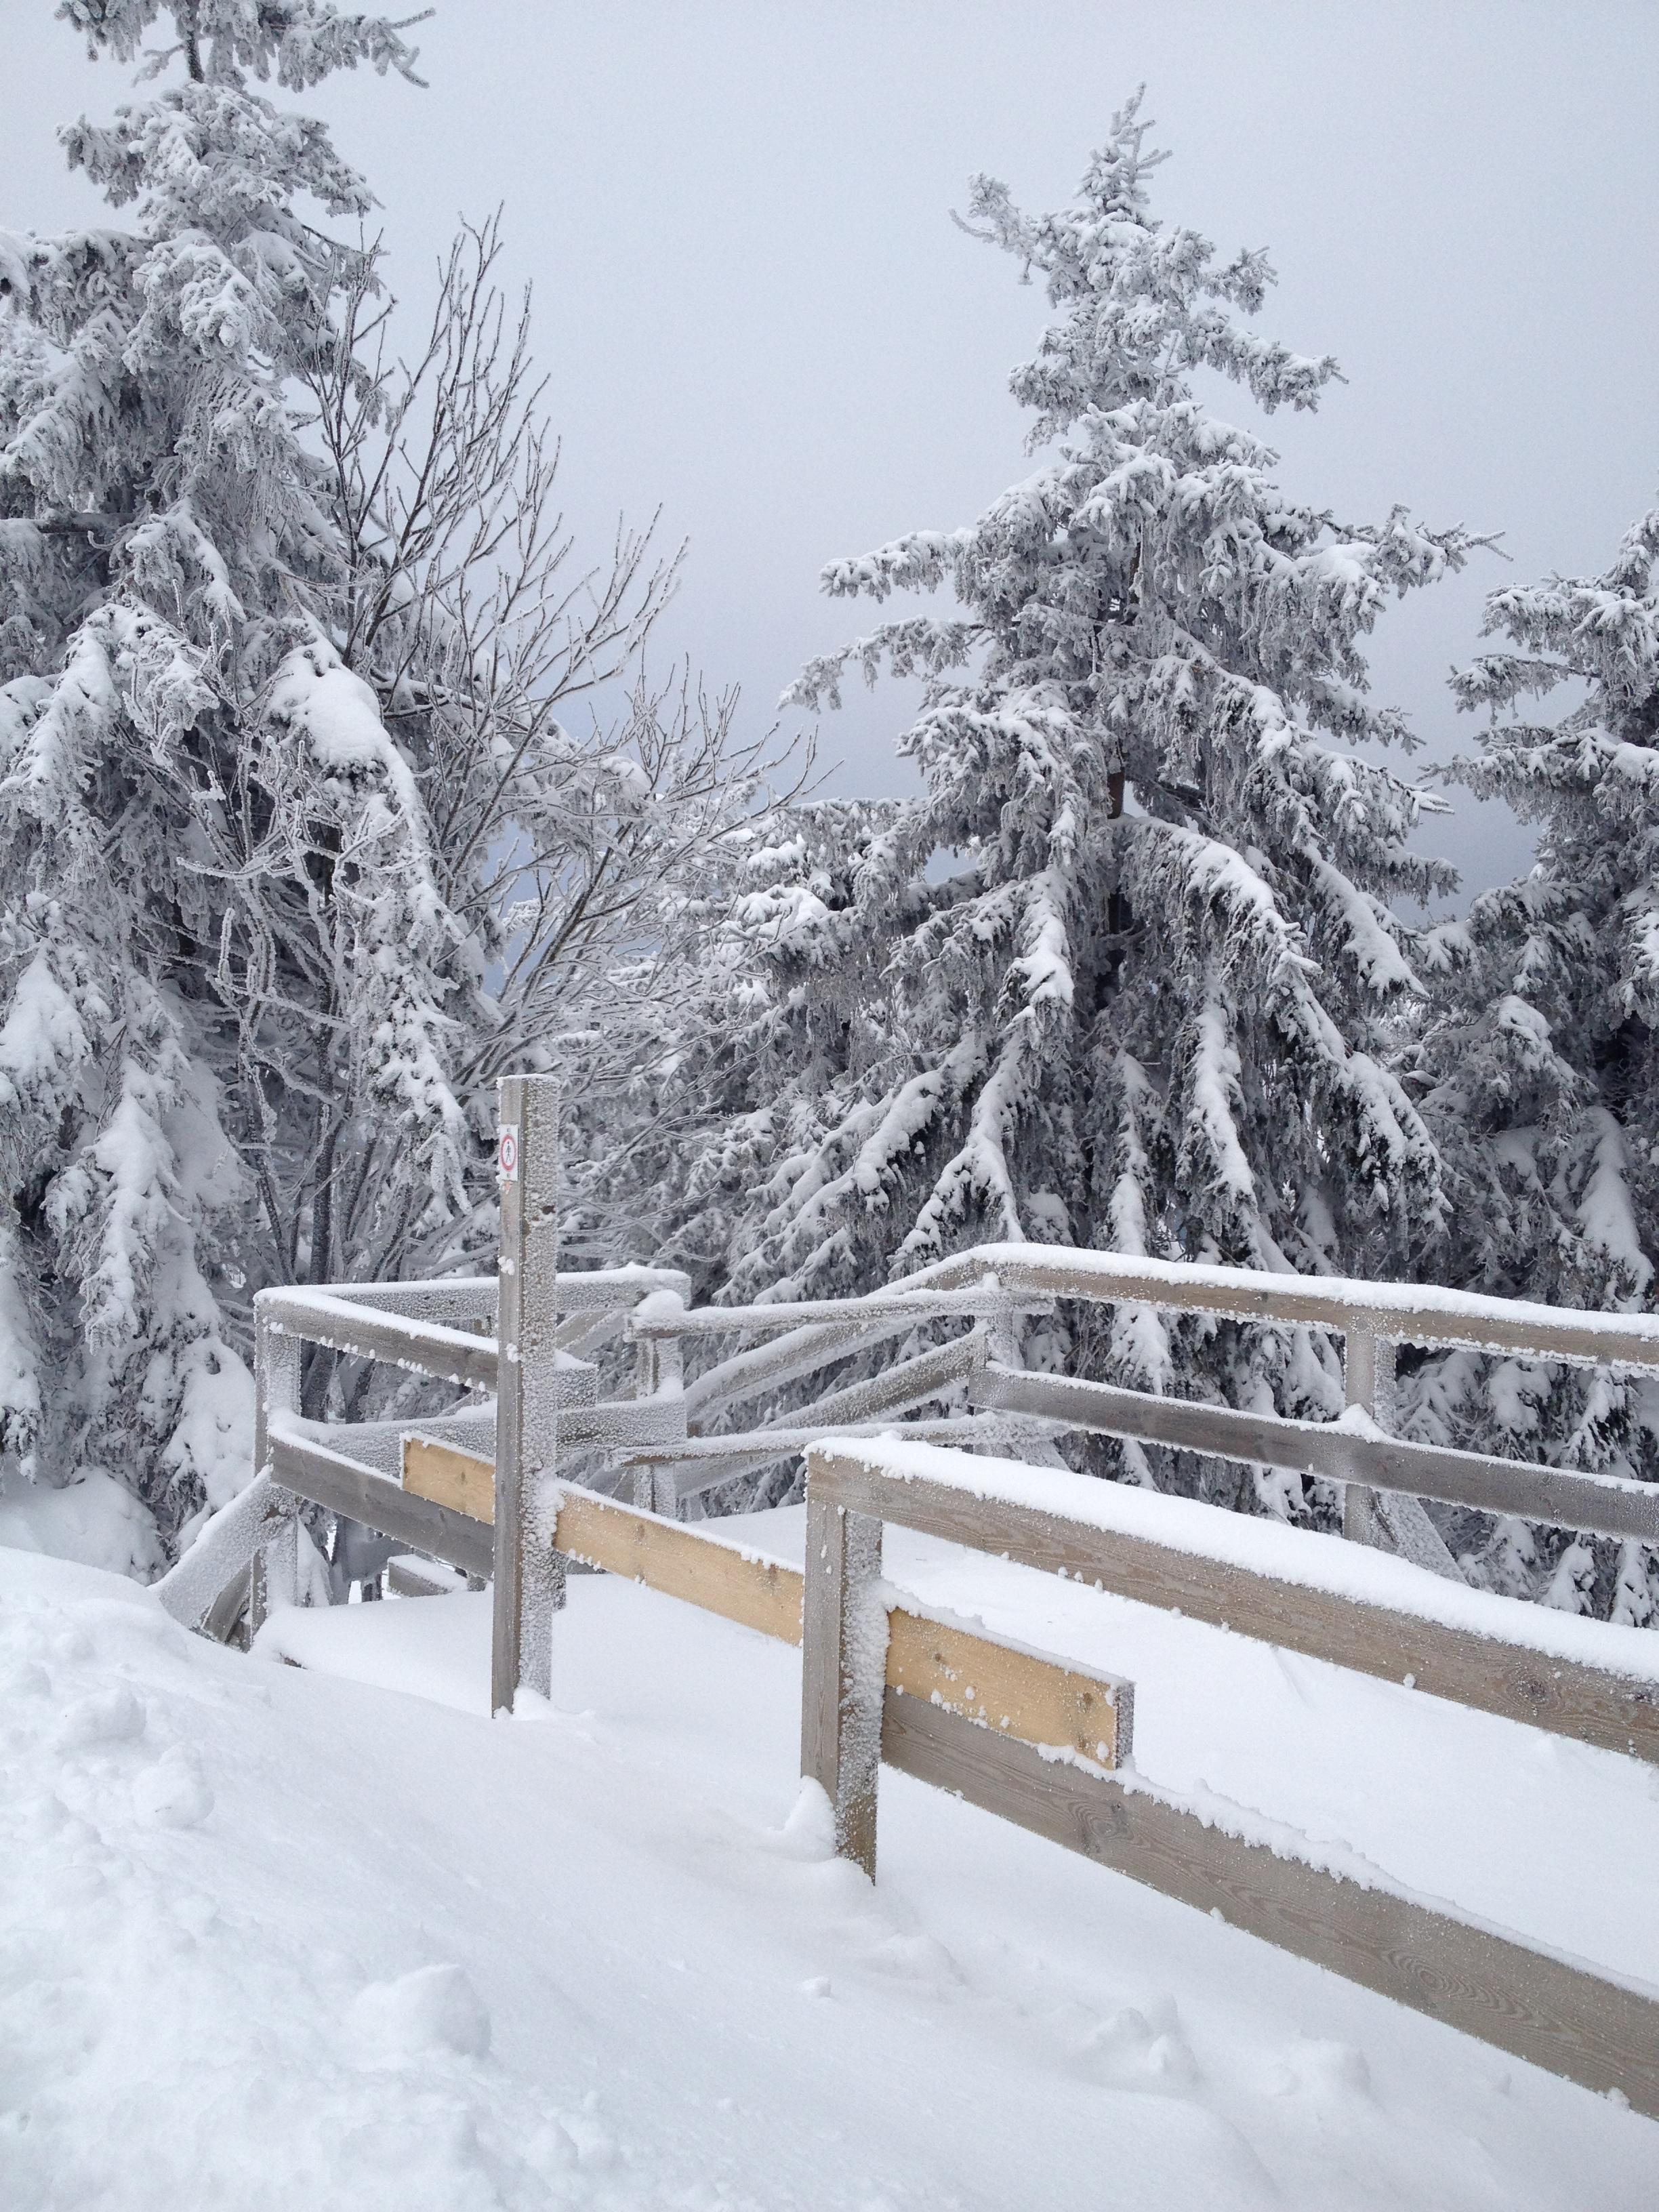 Arlberg 2013